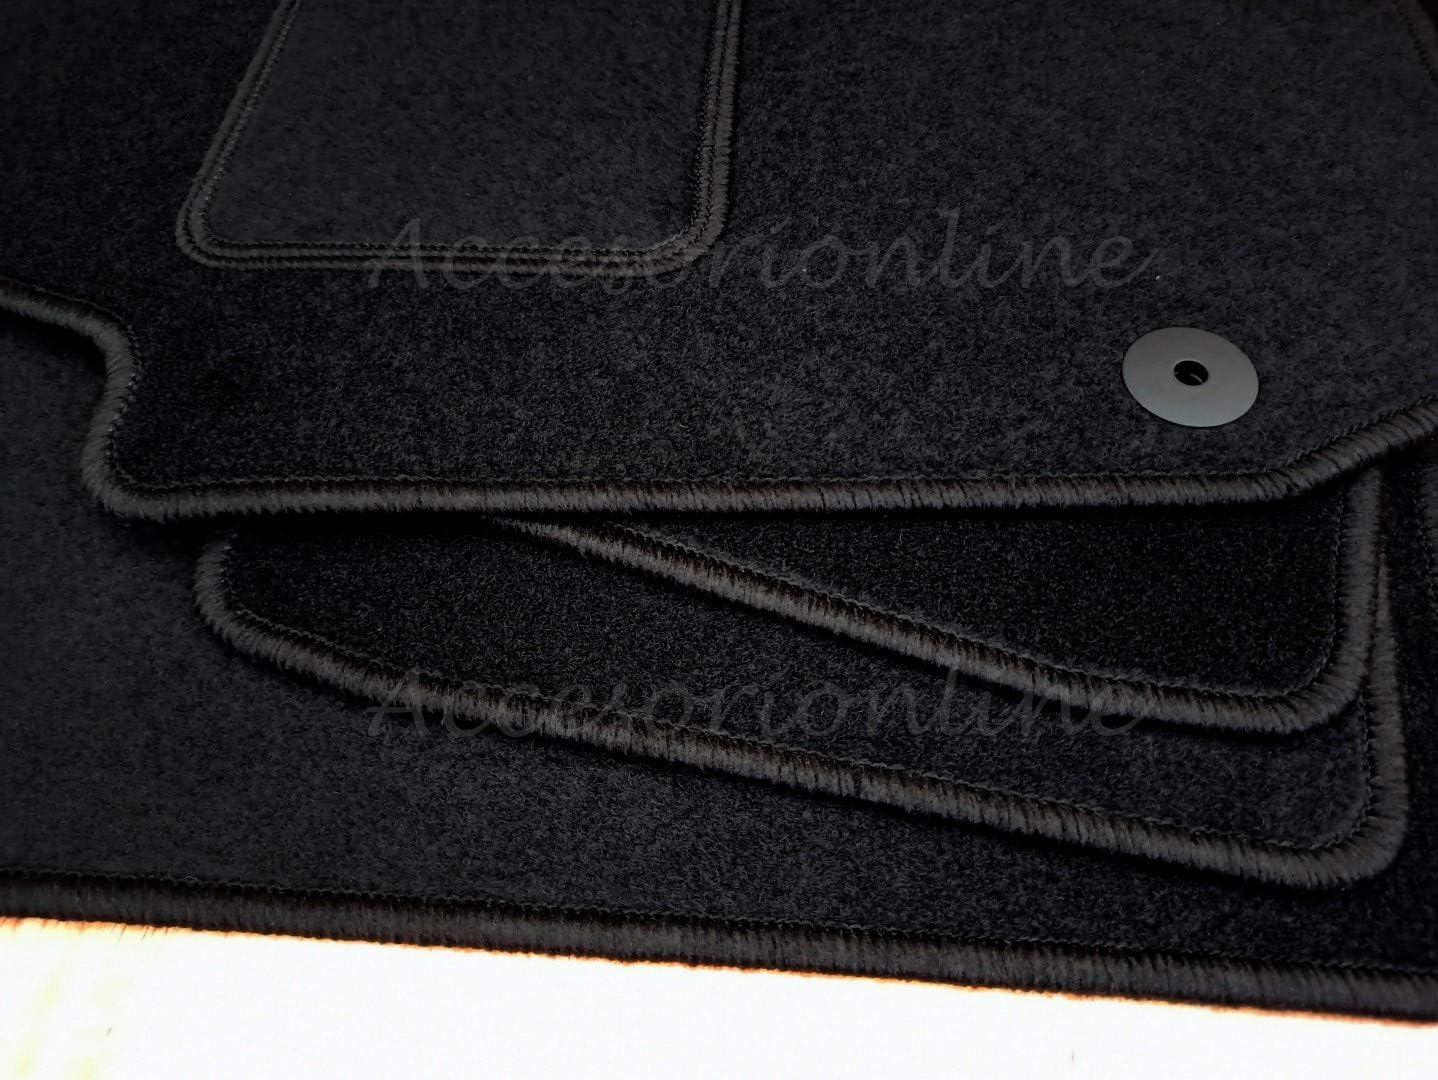 Accesorionline Alfombrillas para Mazda 3 Todos los Modelos A Medida con talonera Alfombras esterillas (Mazda 3 (2009-2013))